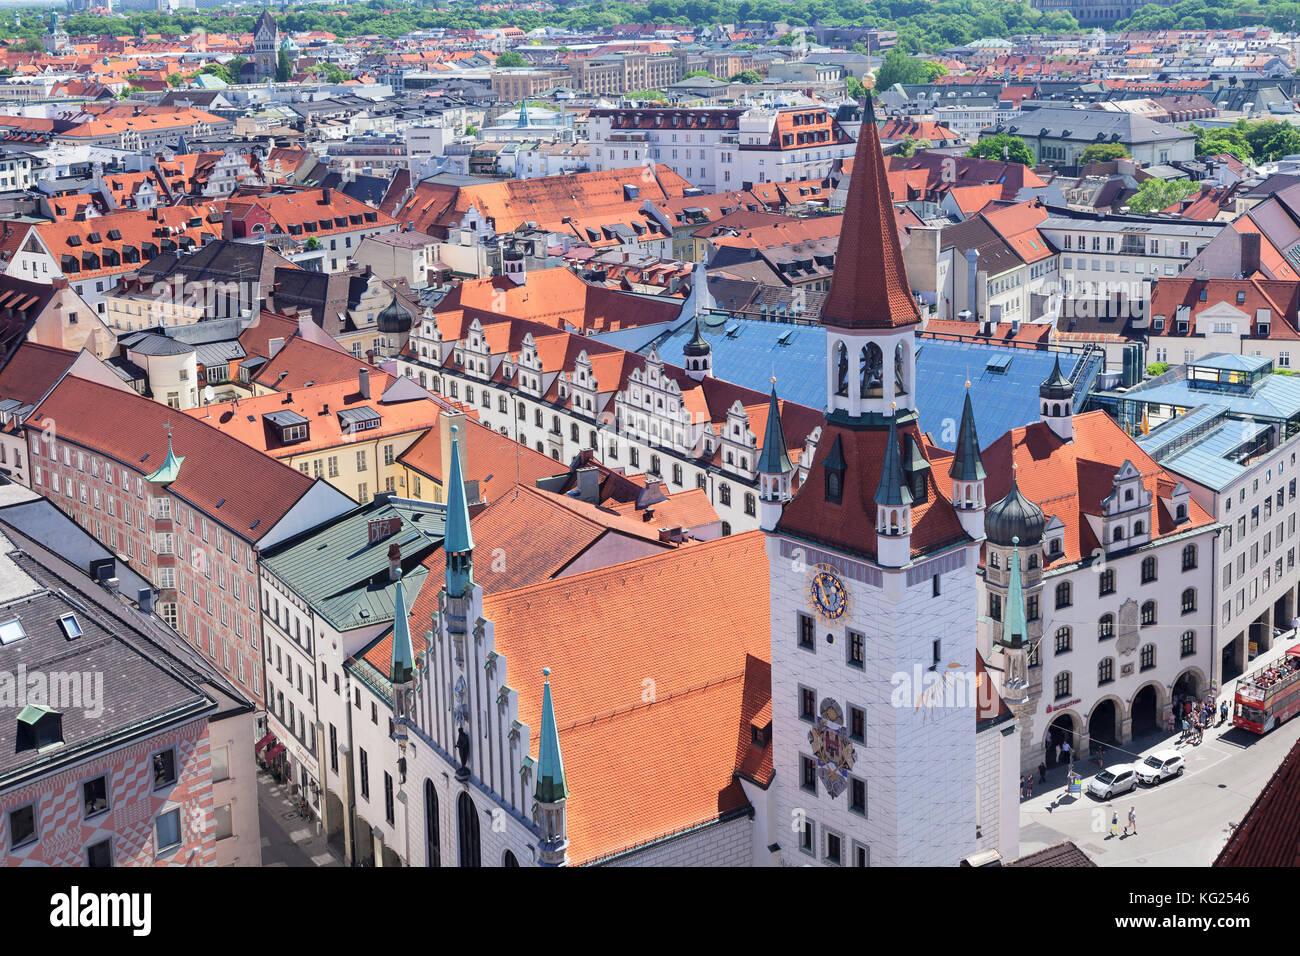 Altes Rathaus (altes Rathaus) am Marienplatz, München, Bayern, Deutschland, Europa Stockbild